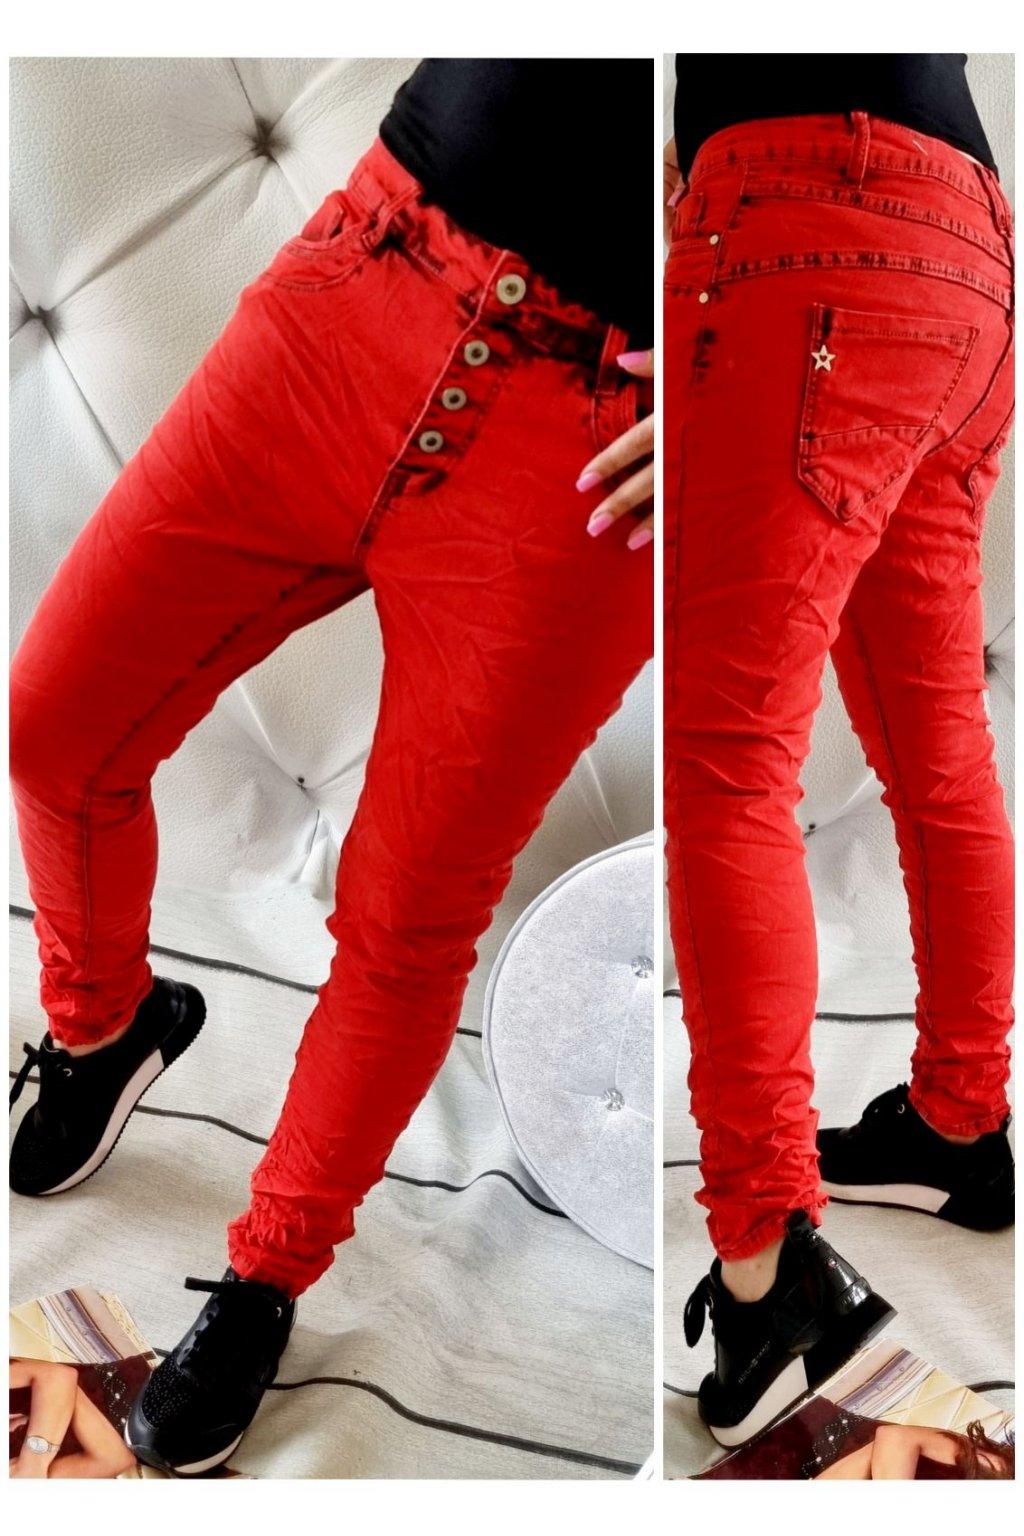 jeans baggy červené trendy stylovky pohodlné